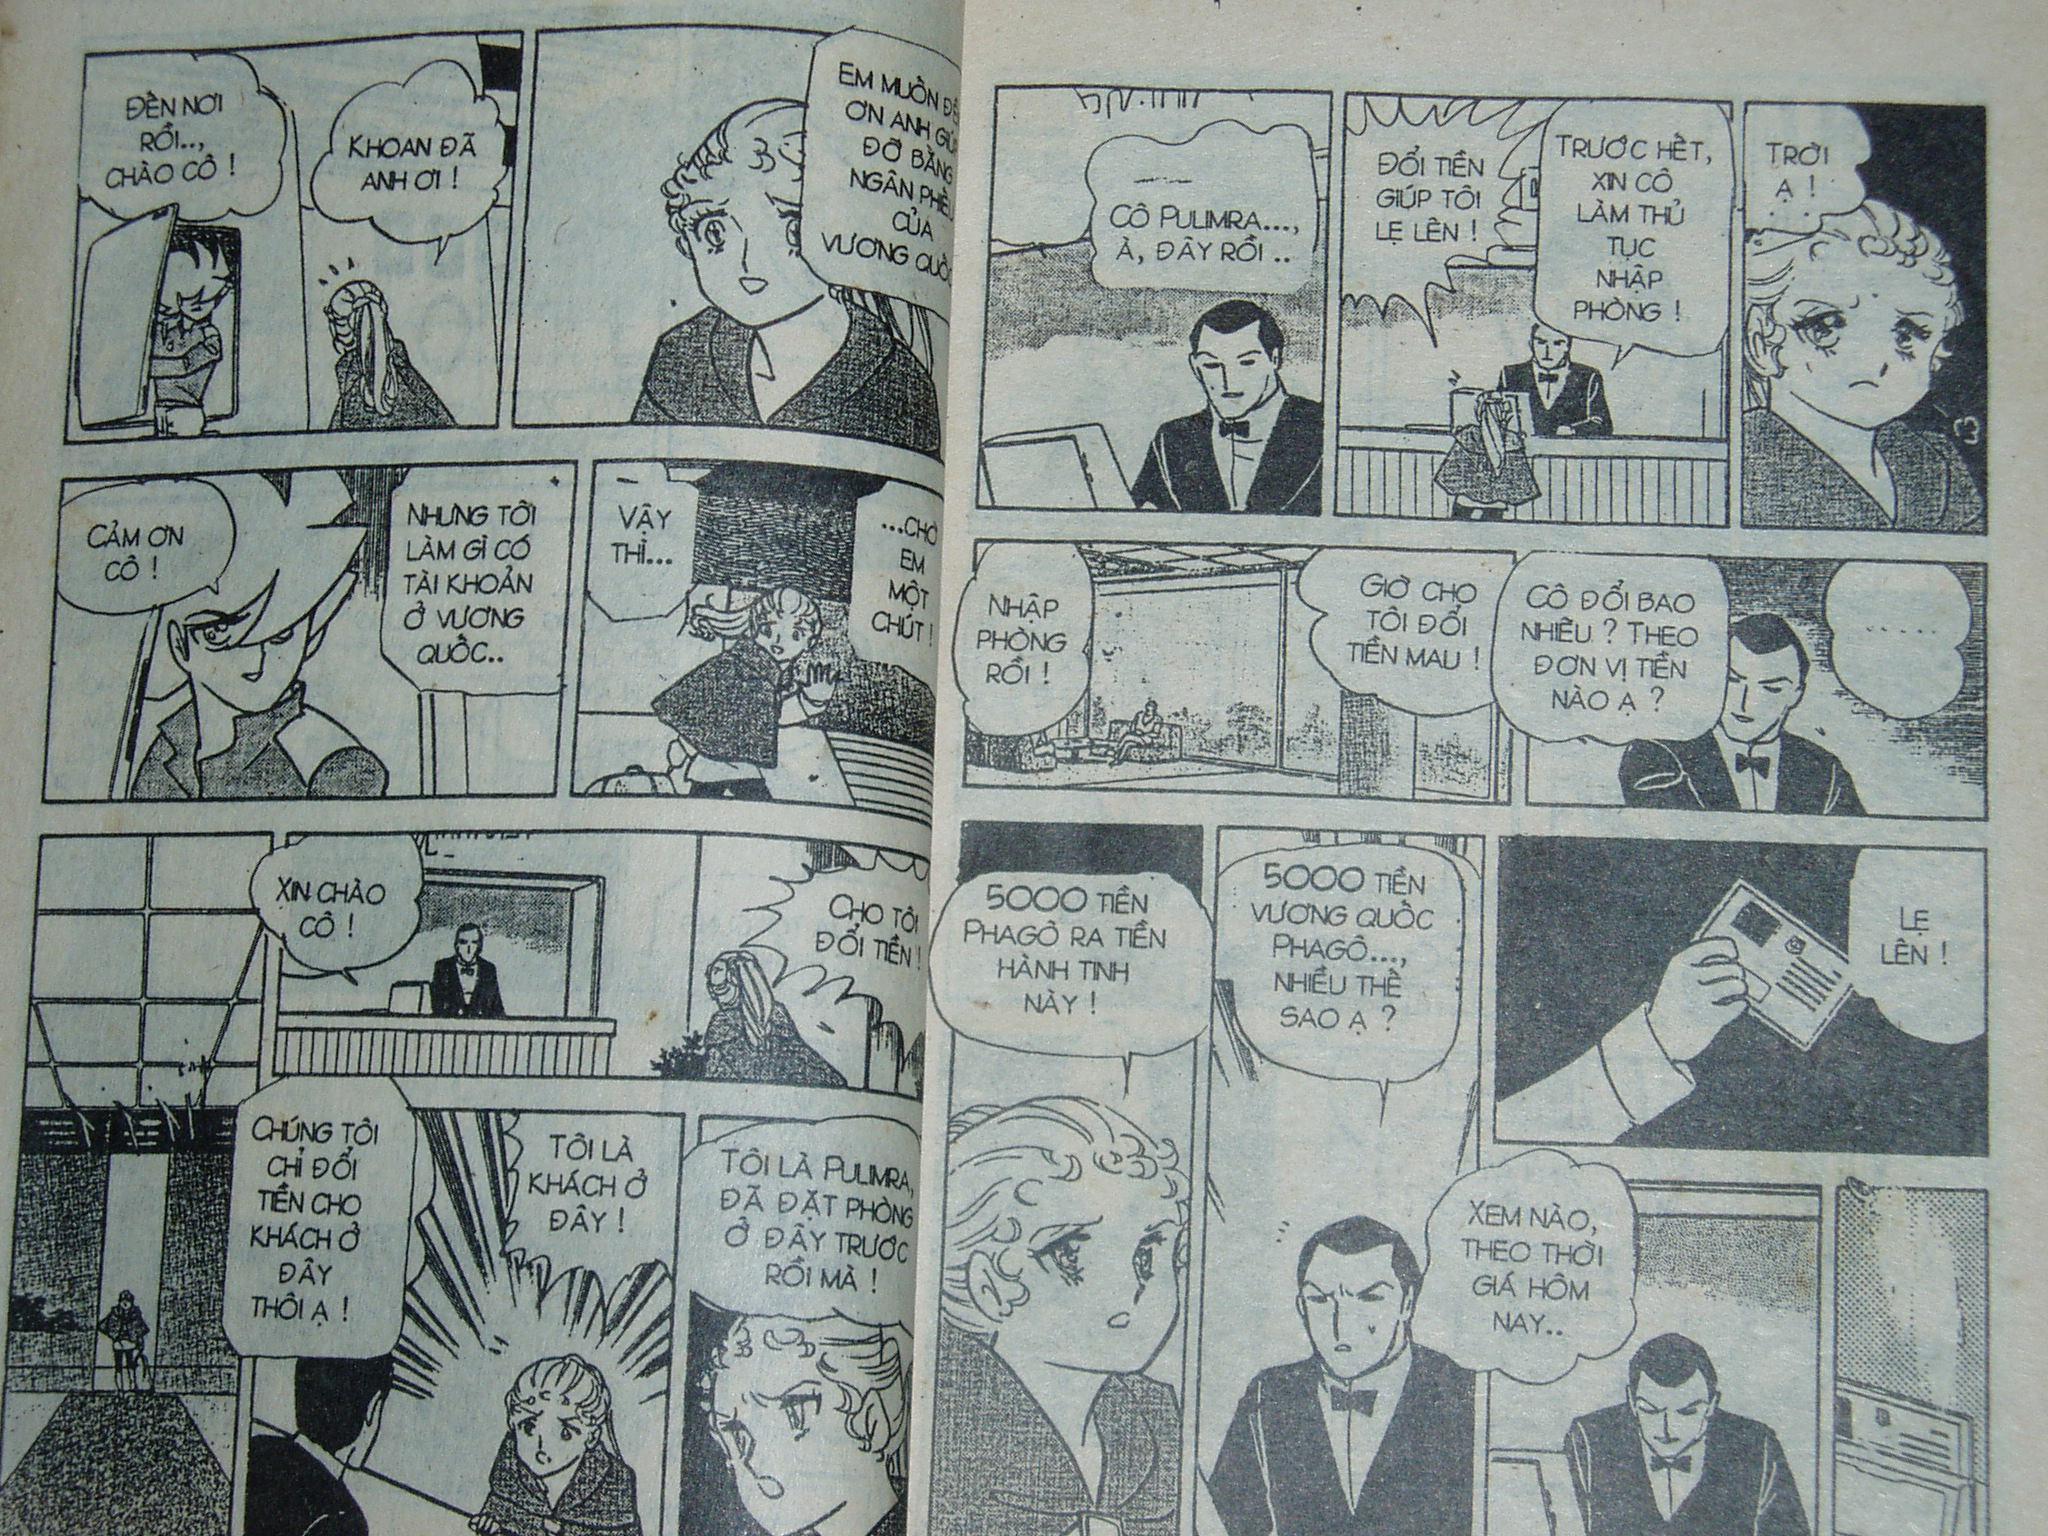 Siêu nhân Locke vol 16 trang 11